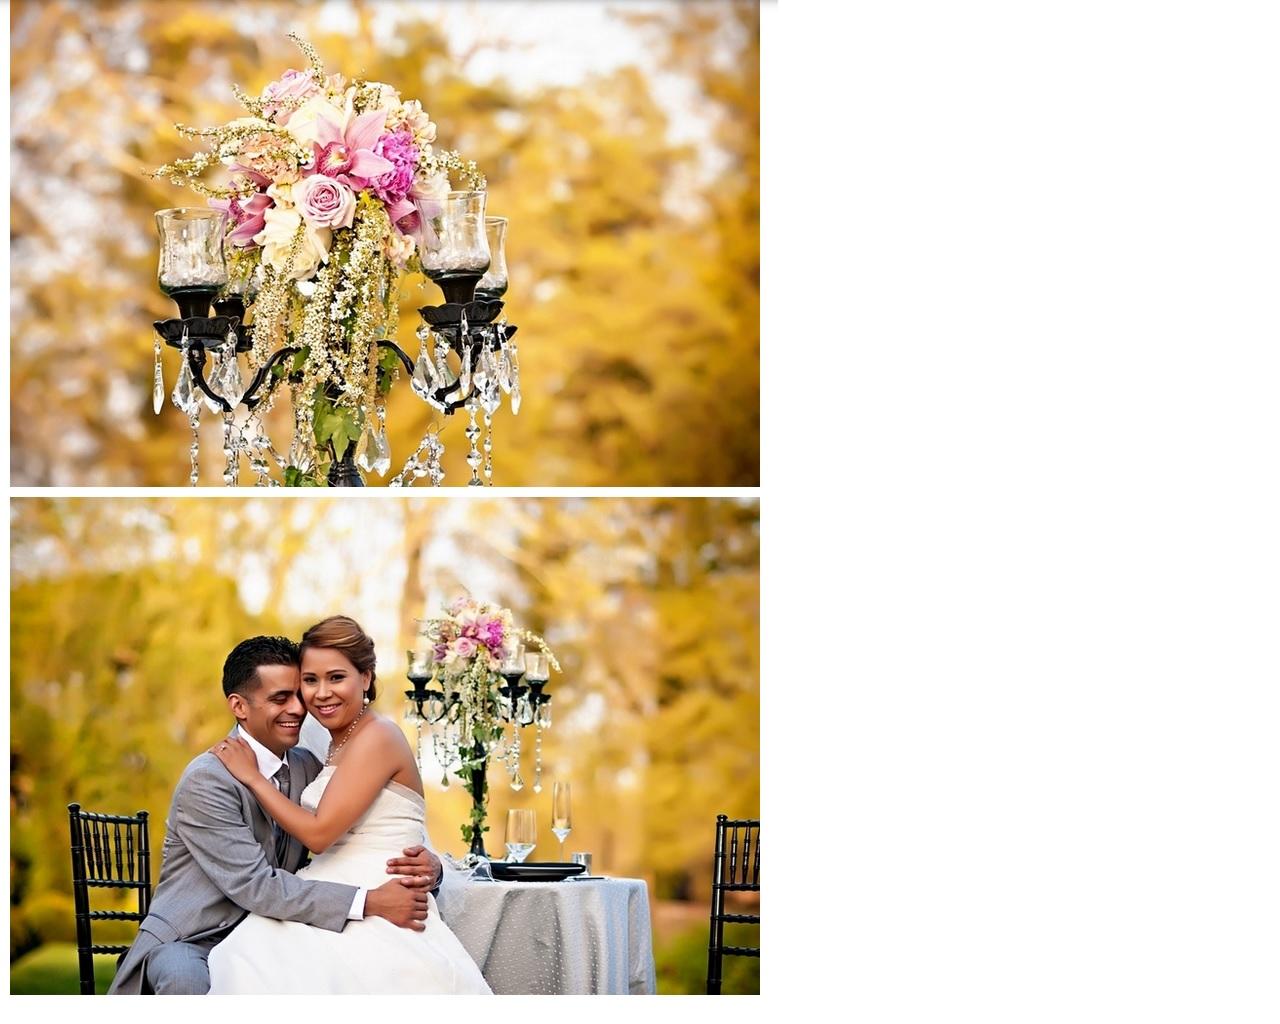 pink bouquet & decor